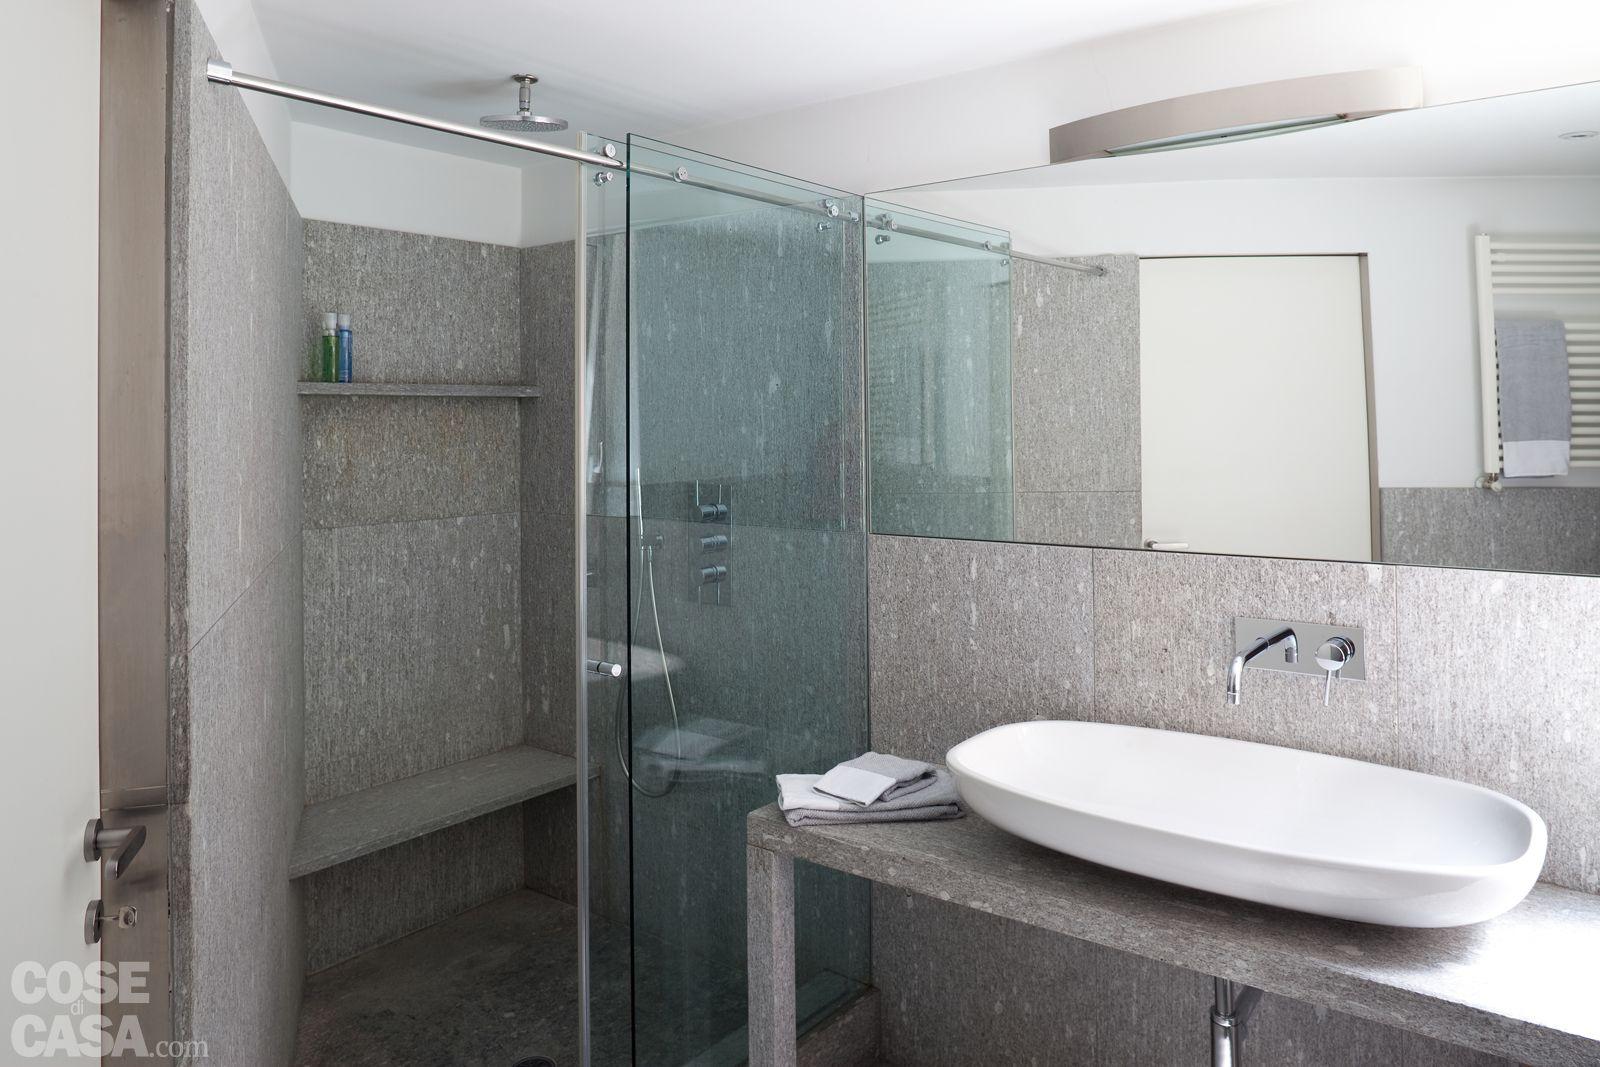 70 mq casa con veranda bagno pinterest bagno for Bagno 7 mq